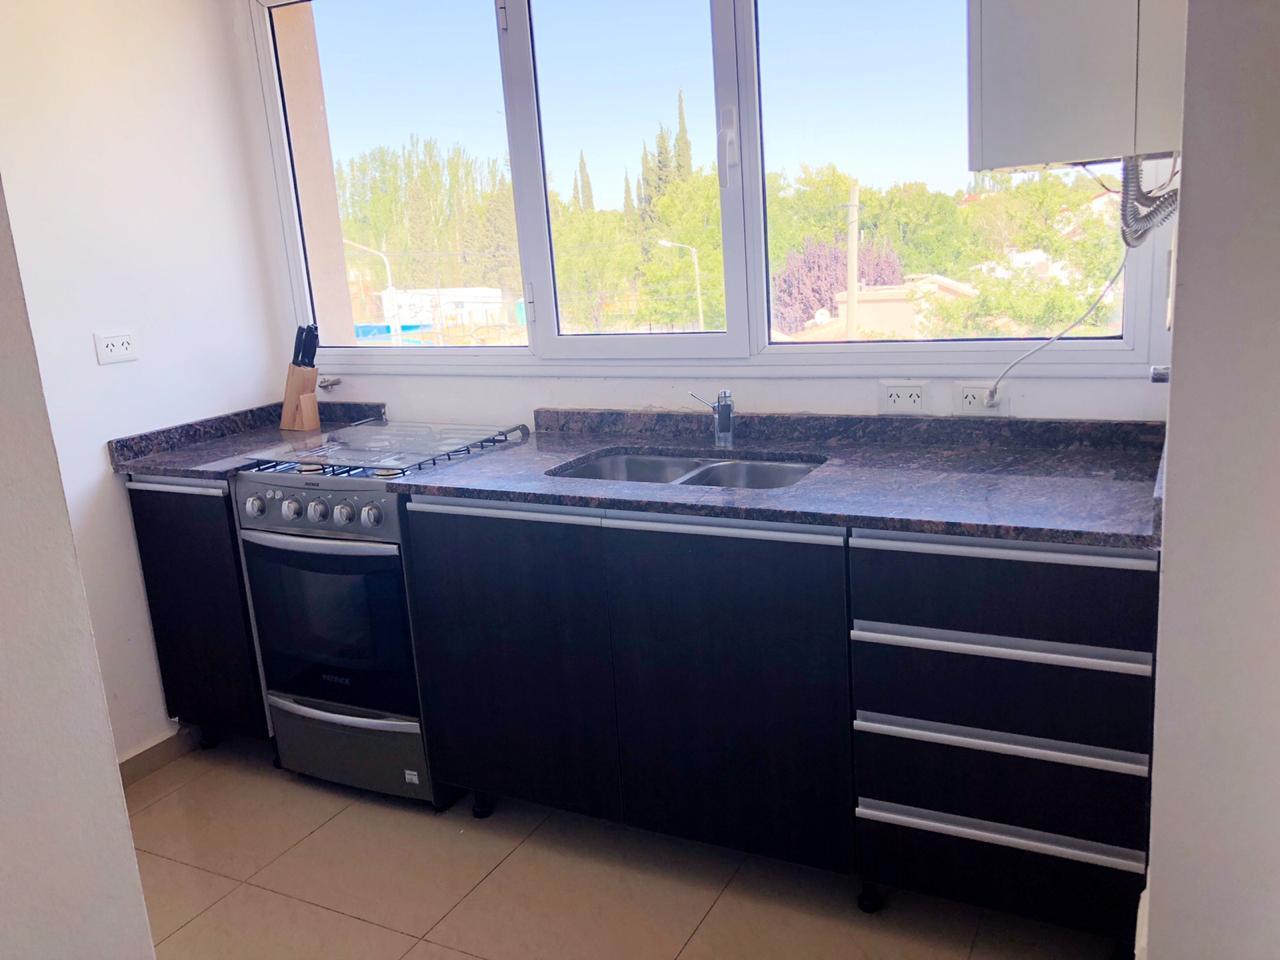 Departamento en Neuquen, Bºrincon De Emilio | VIF649 | Viñuela & Ferracioli Servicios Inmobiliarios